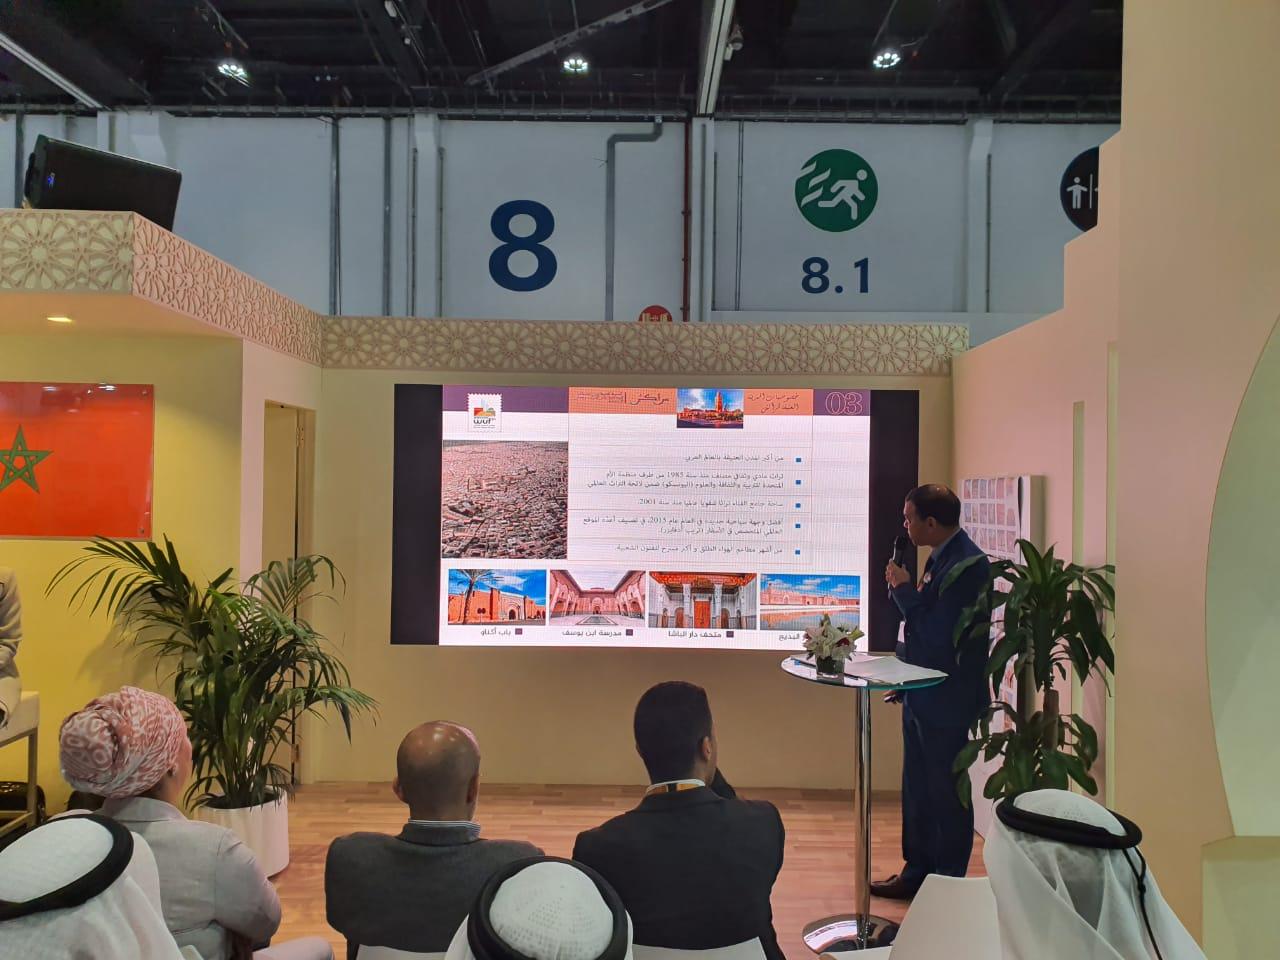 الوكالة الحضرية لمراكش تشارك في المنتدى الحضري العالمي المنظم بمدينة أبو ظبي بدولة الامارات